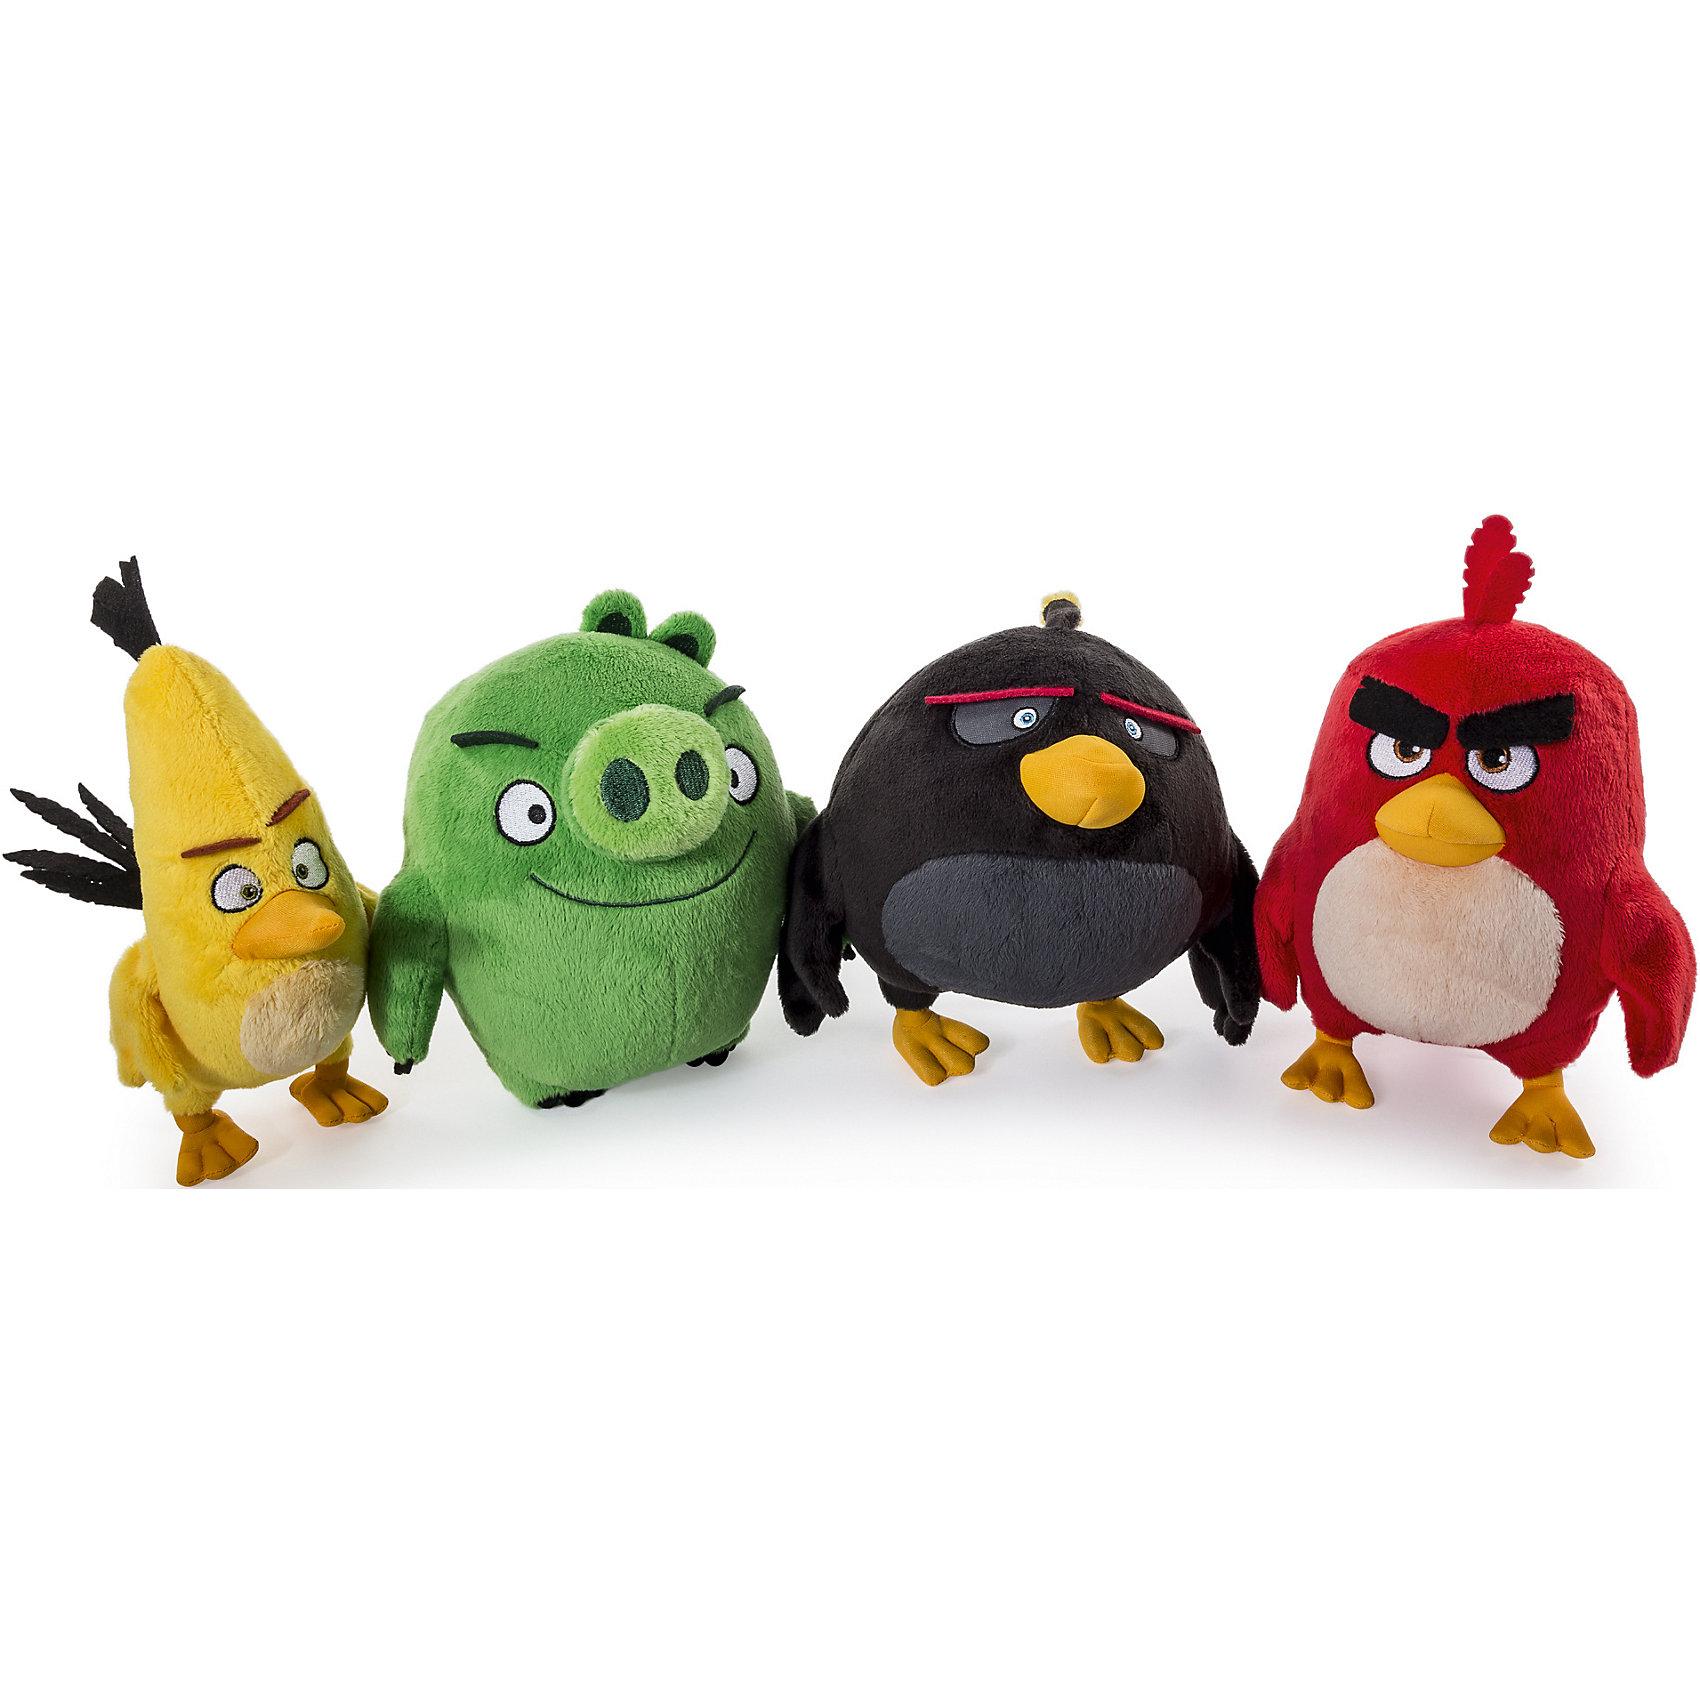 Плюшевая птичка 20см, Angry BirdsЗвери и птицы<br>Плюшевая сердитая птичка. Размер 20см. 4 вида в ассортименте. Каждая игрушка продается отдельно<br><br>Ширина мм: 150<br>Глубина мм: 190<br>Высота мм: 130<br>Вес г: 231<br>Возраст от месяцев: 36<br>Возраст до месяцев: 204<br>Пол: Унисекс<br>Возраст: Детский<br>SKU: 4720292